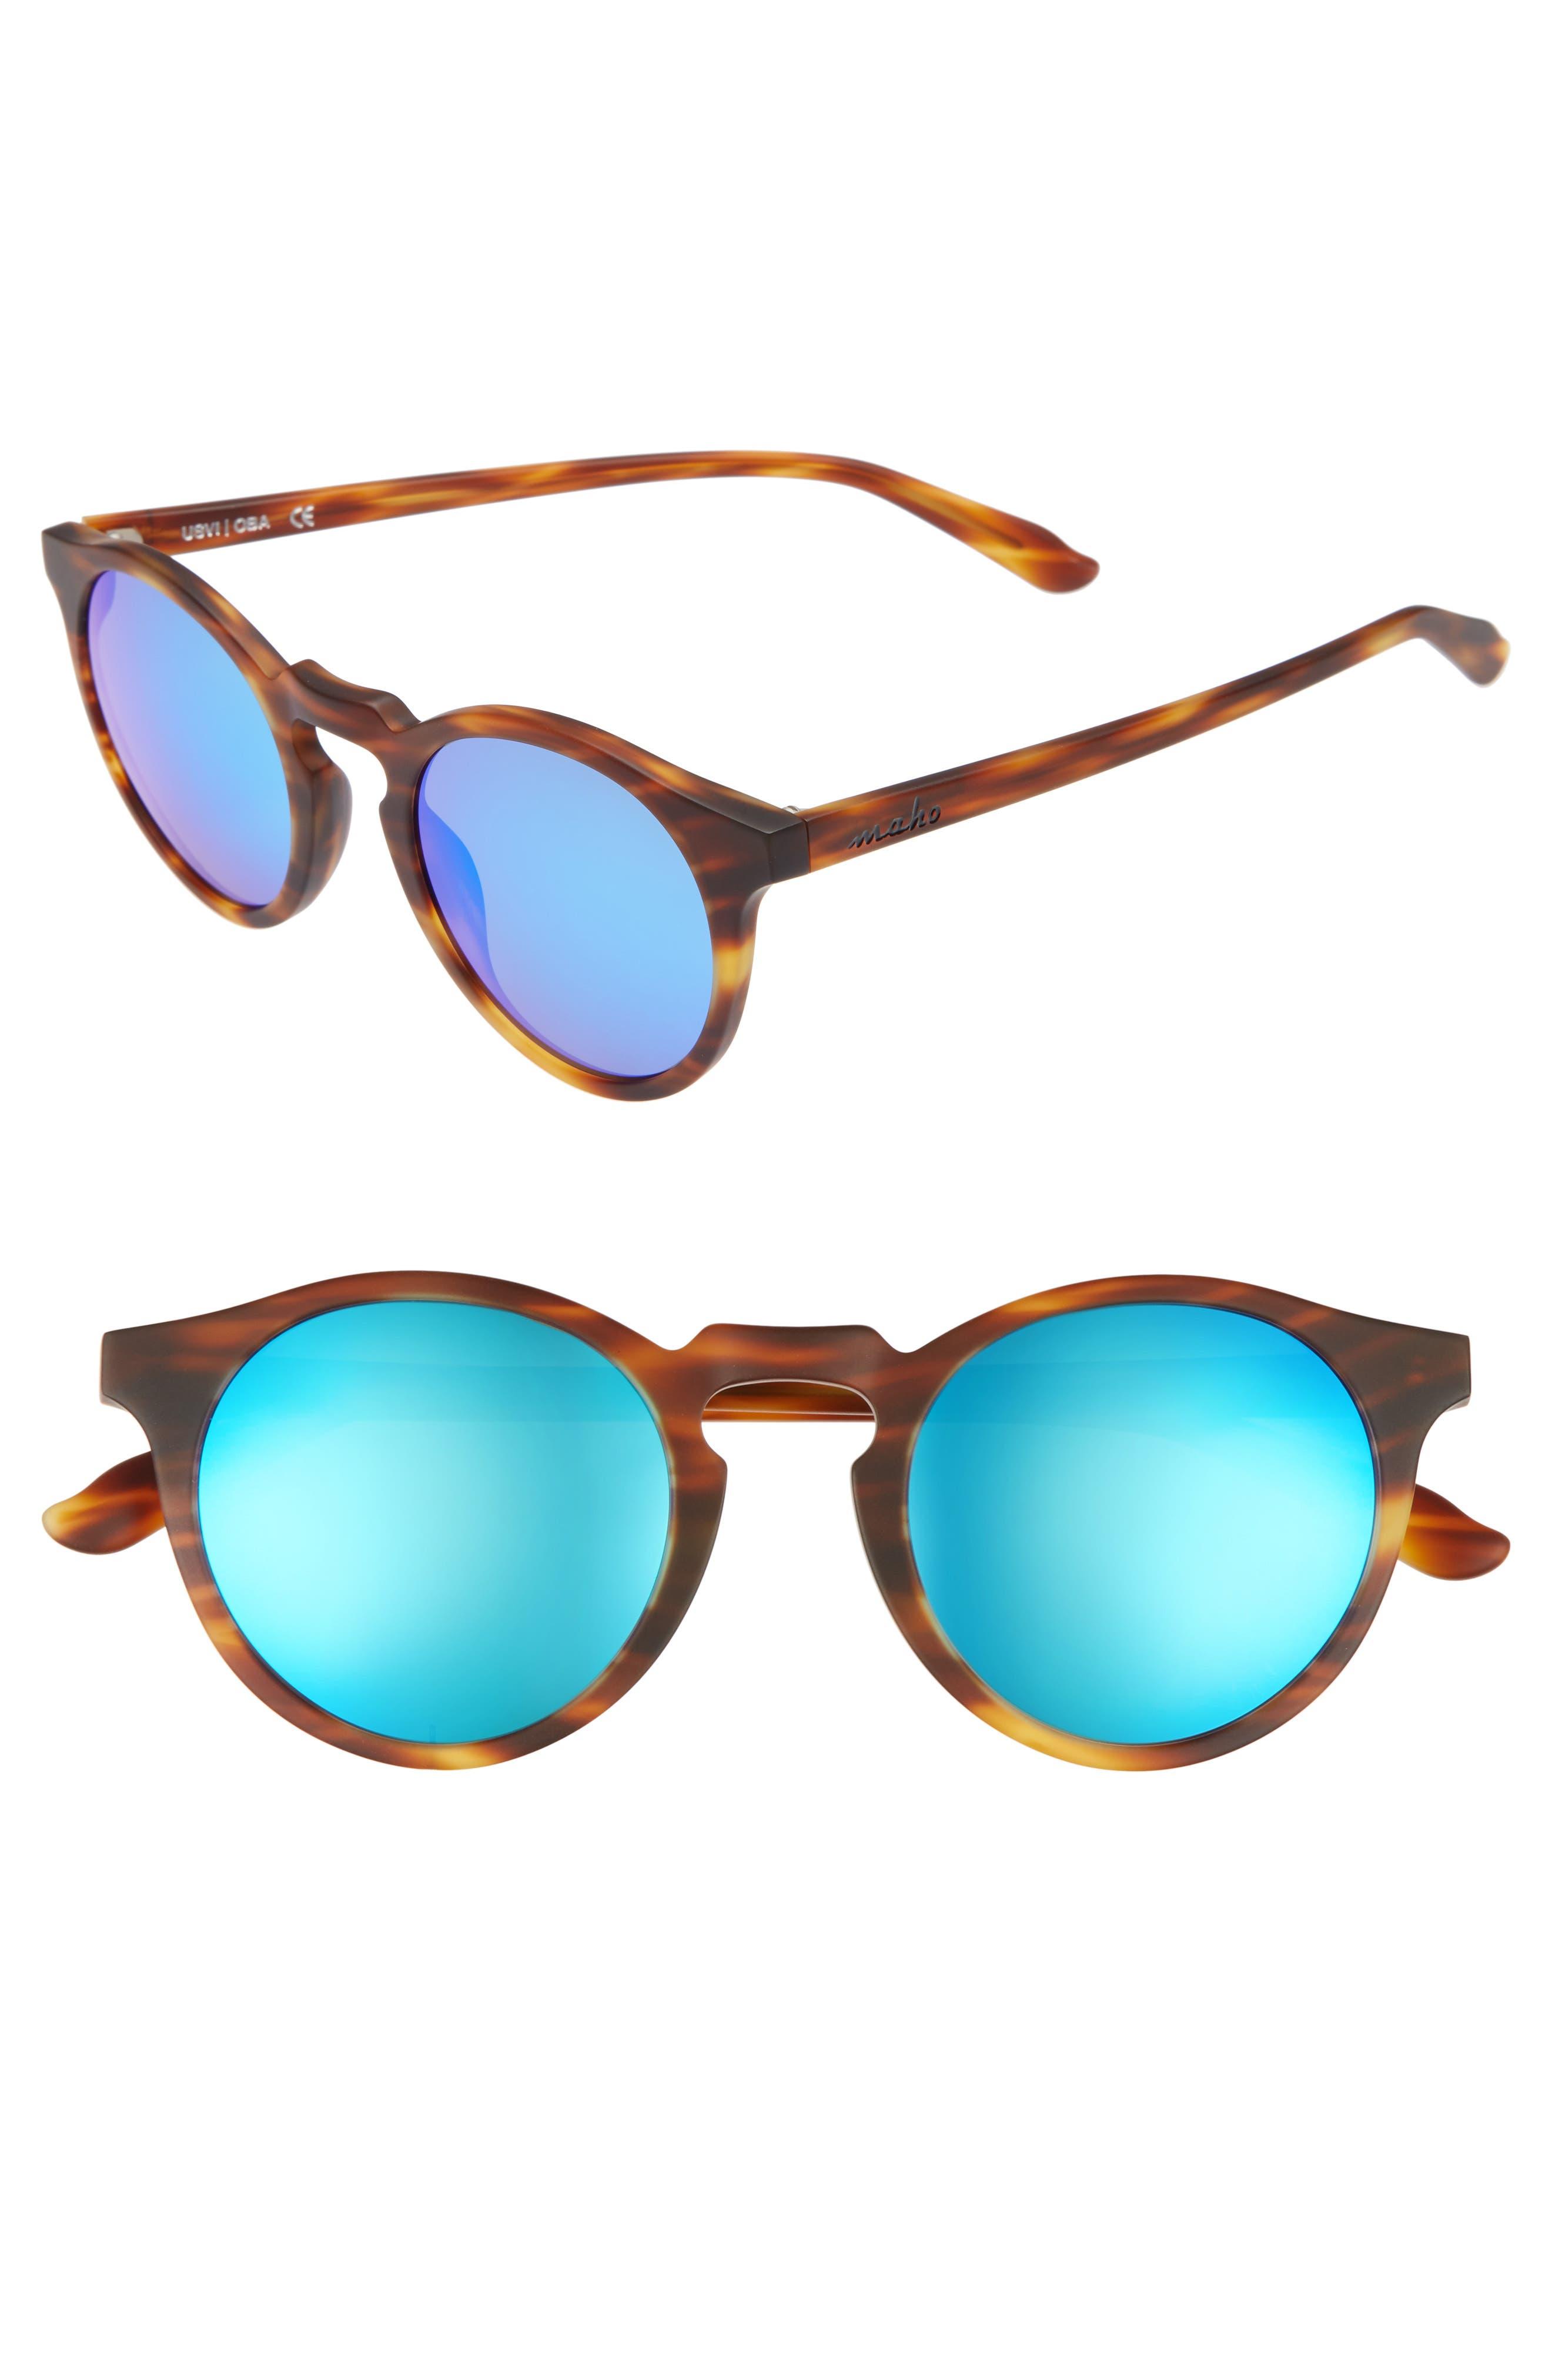 Main Image - Maho Stockholm 48mm Polarized Round Sunglasses